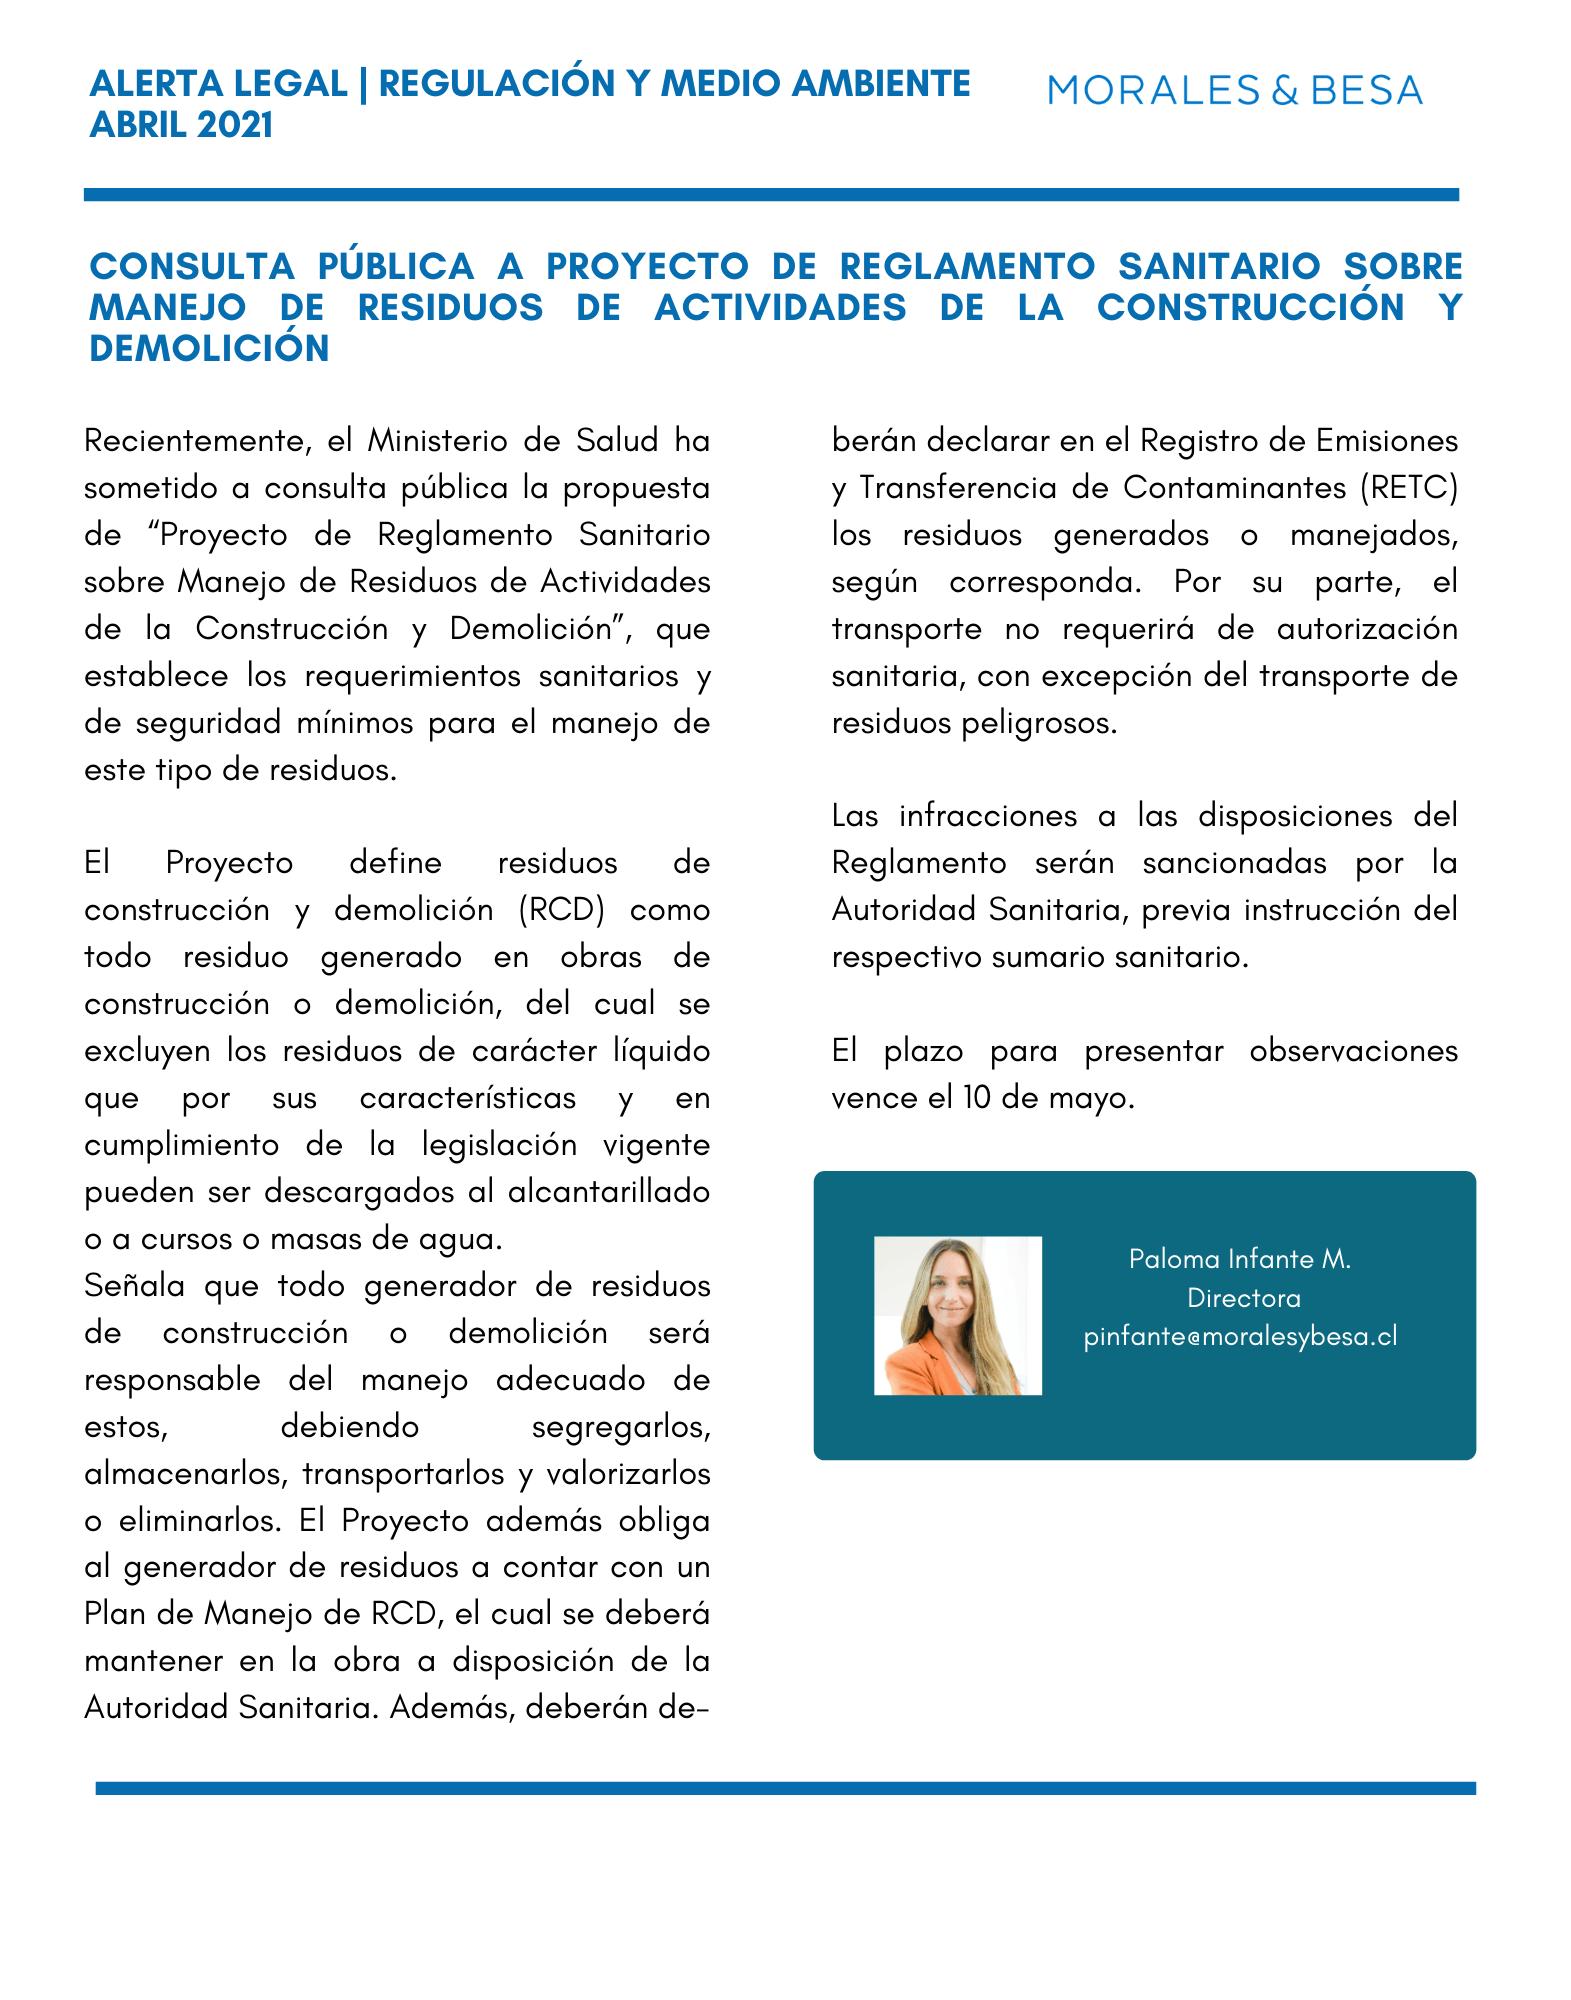 Alerta Legal M&B - Consulta Pública a proyecto de Reglamento Sanitario sobre manejo de residuos de actividades de la construcción y demolición - Abril 2021